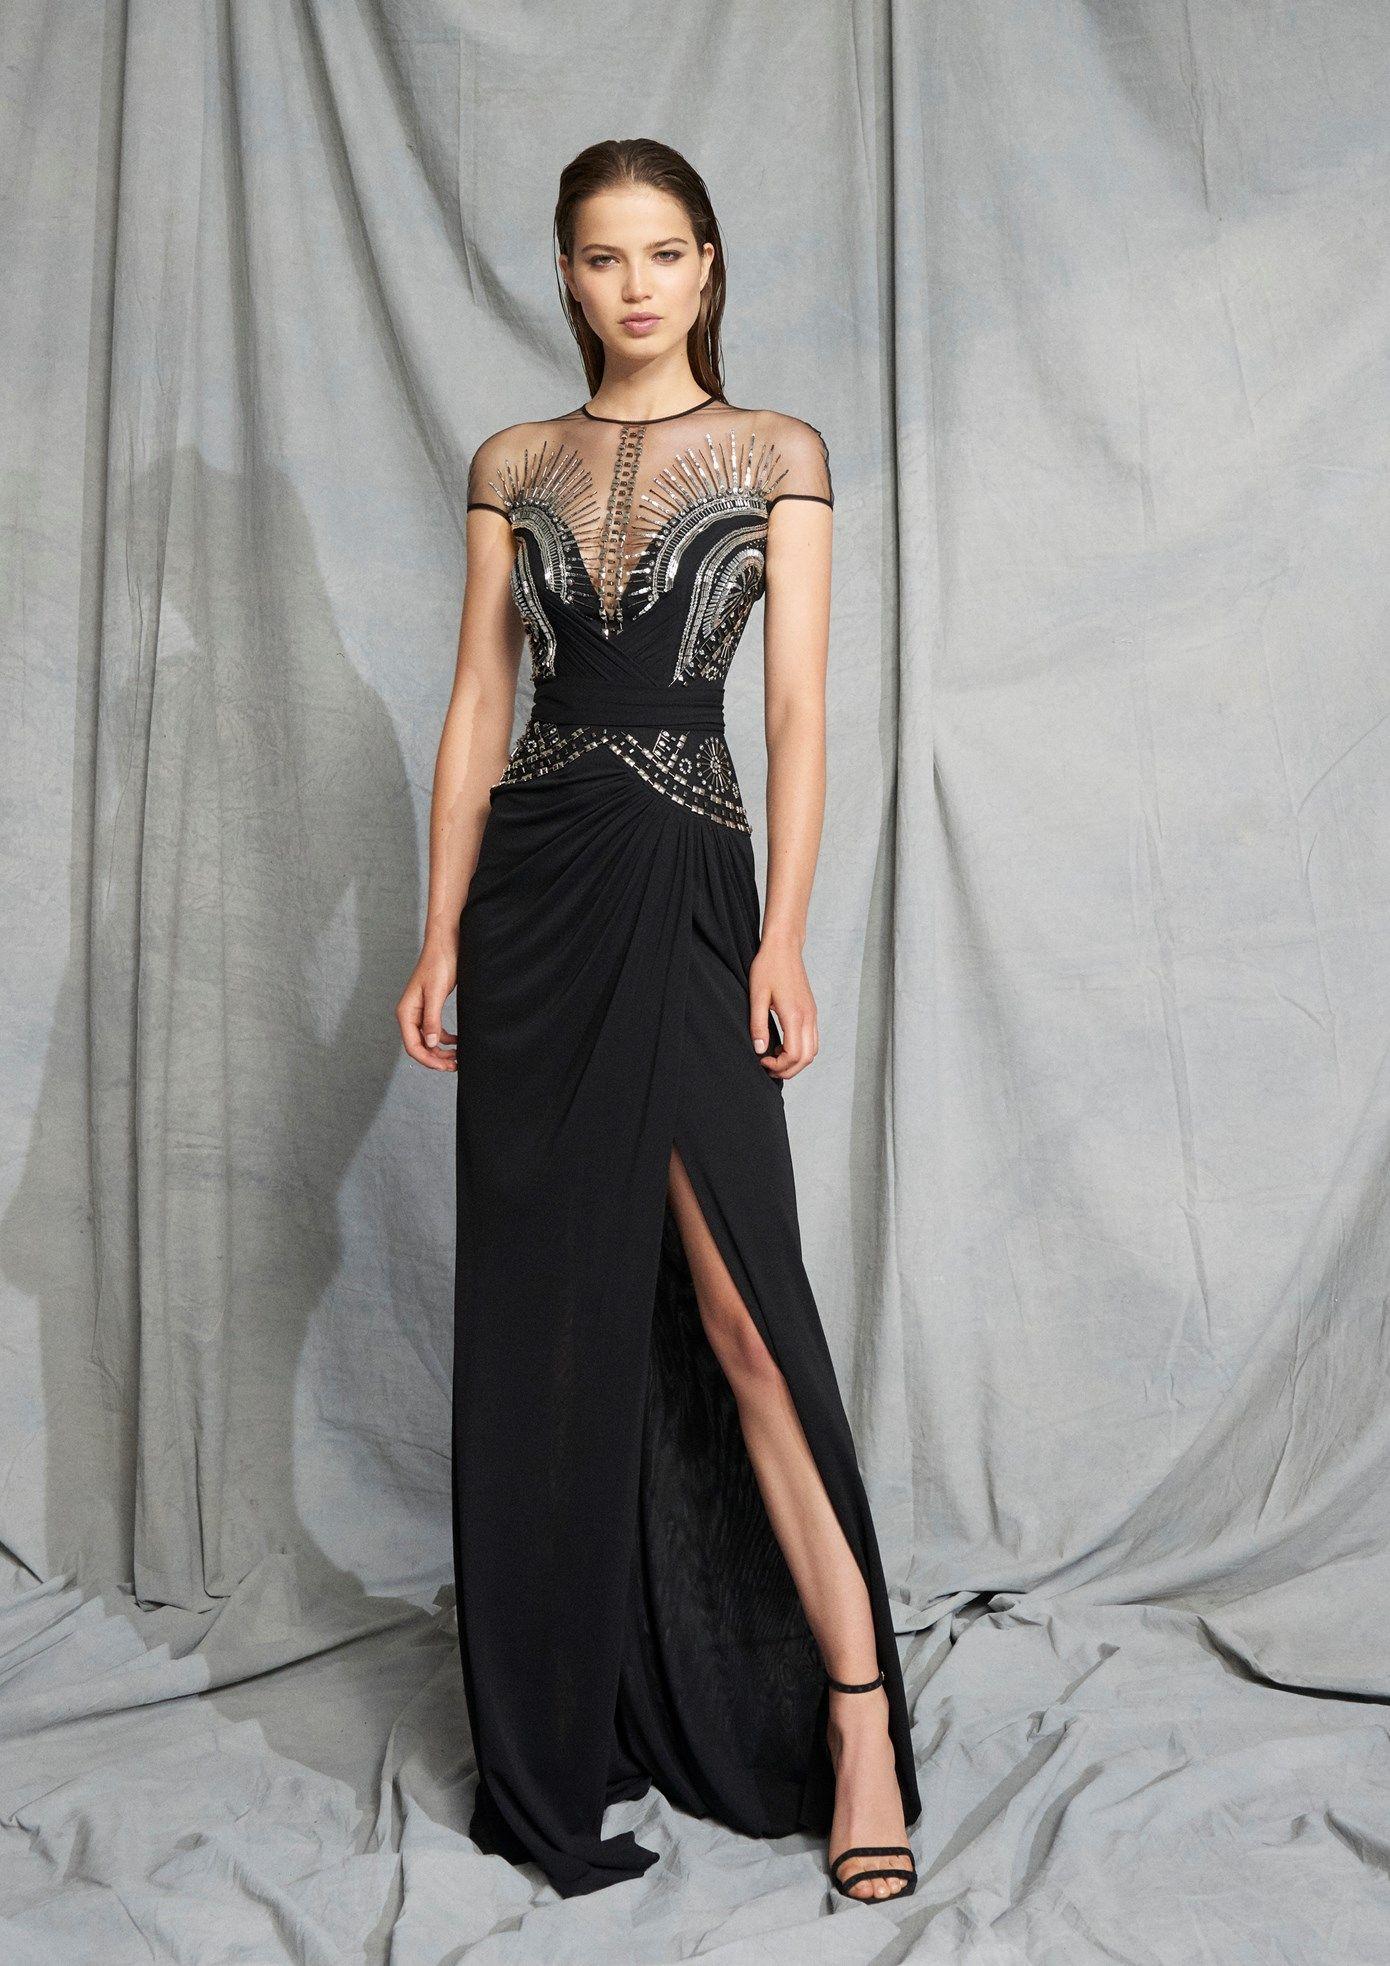 Zuhair Murad Schwarz Promkleider Jewel Ausschnitt mit kurzen Ärmeln wulstige Sequined A Line Side Split-Abend-Kleid-formale Partei-Kleider